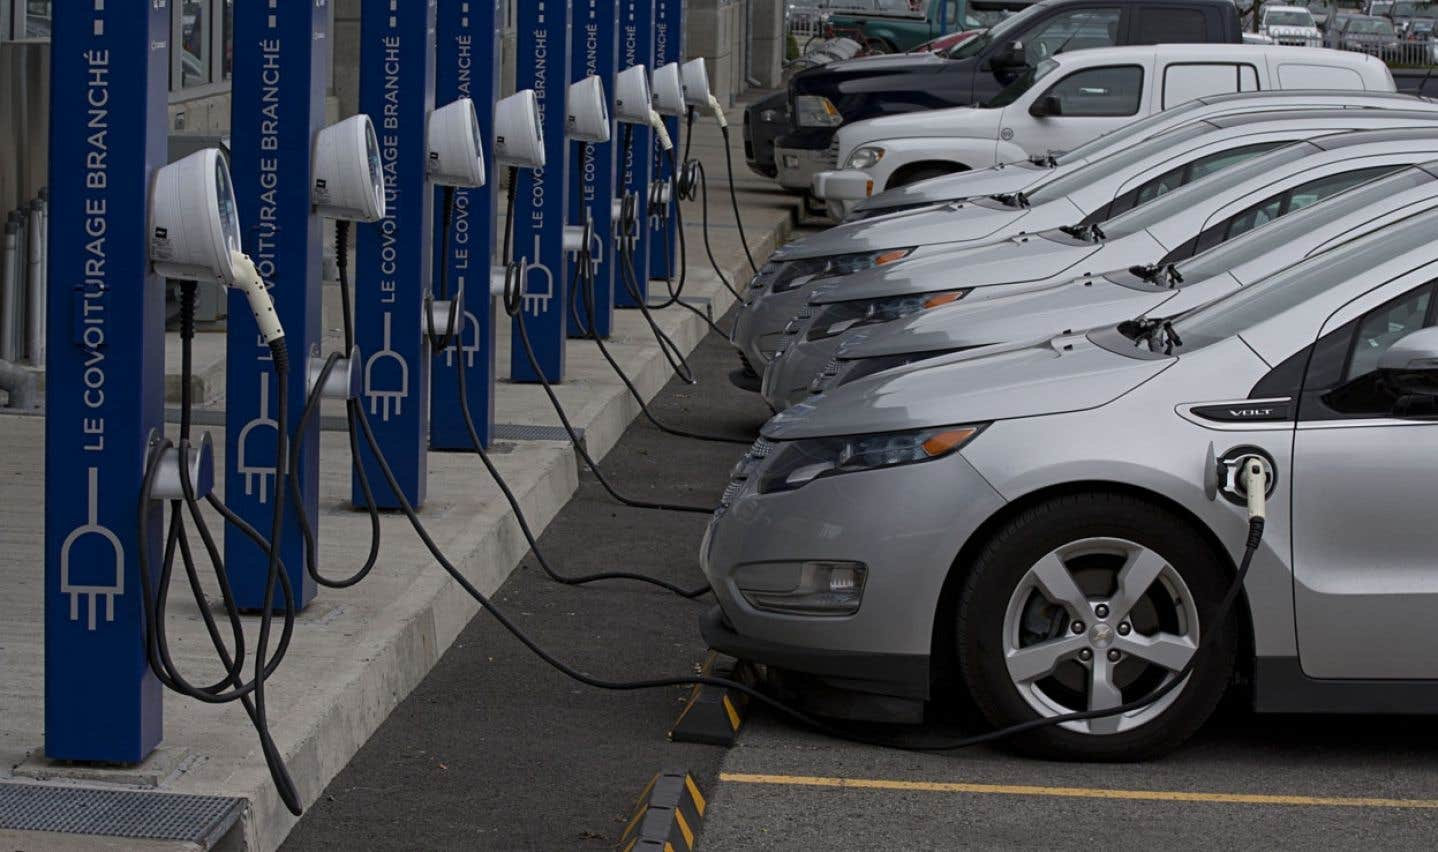 L'électrification des transports est une des priorités du gouvernement Marois, ce que déplore le chercheur Paul Lewis.